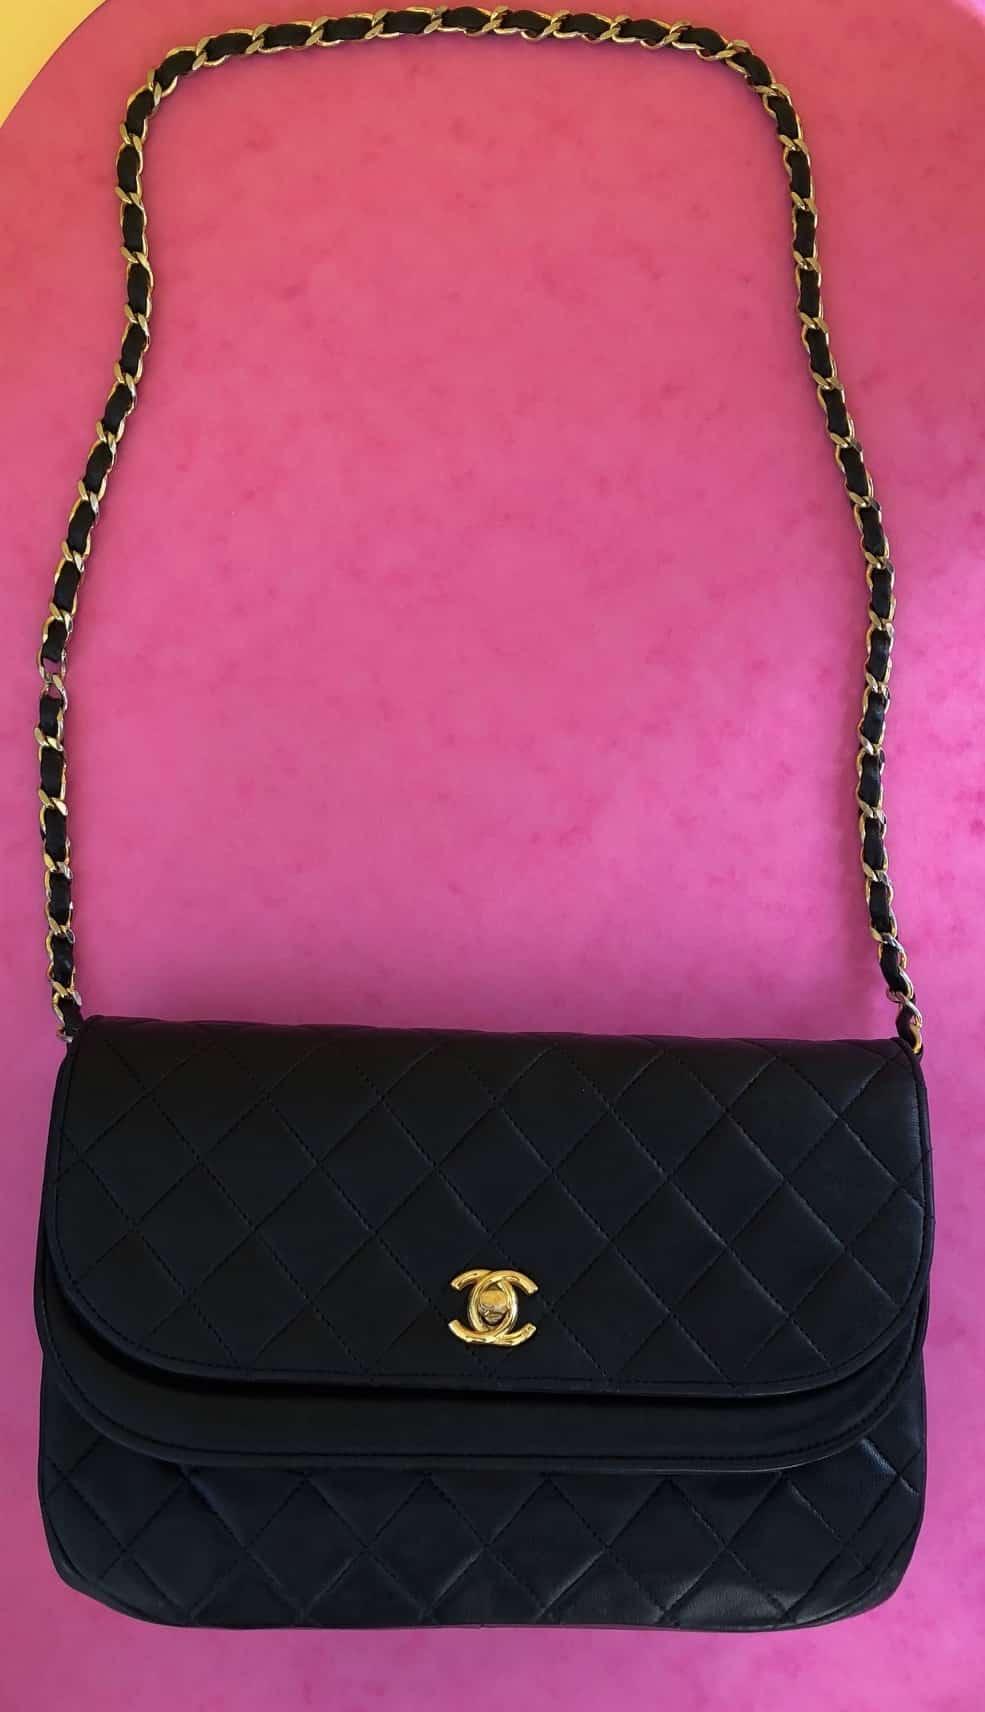 450b75544019 CHANEL 2.55 Vintage Double Flap Bag 1995